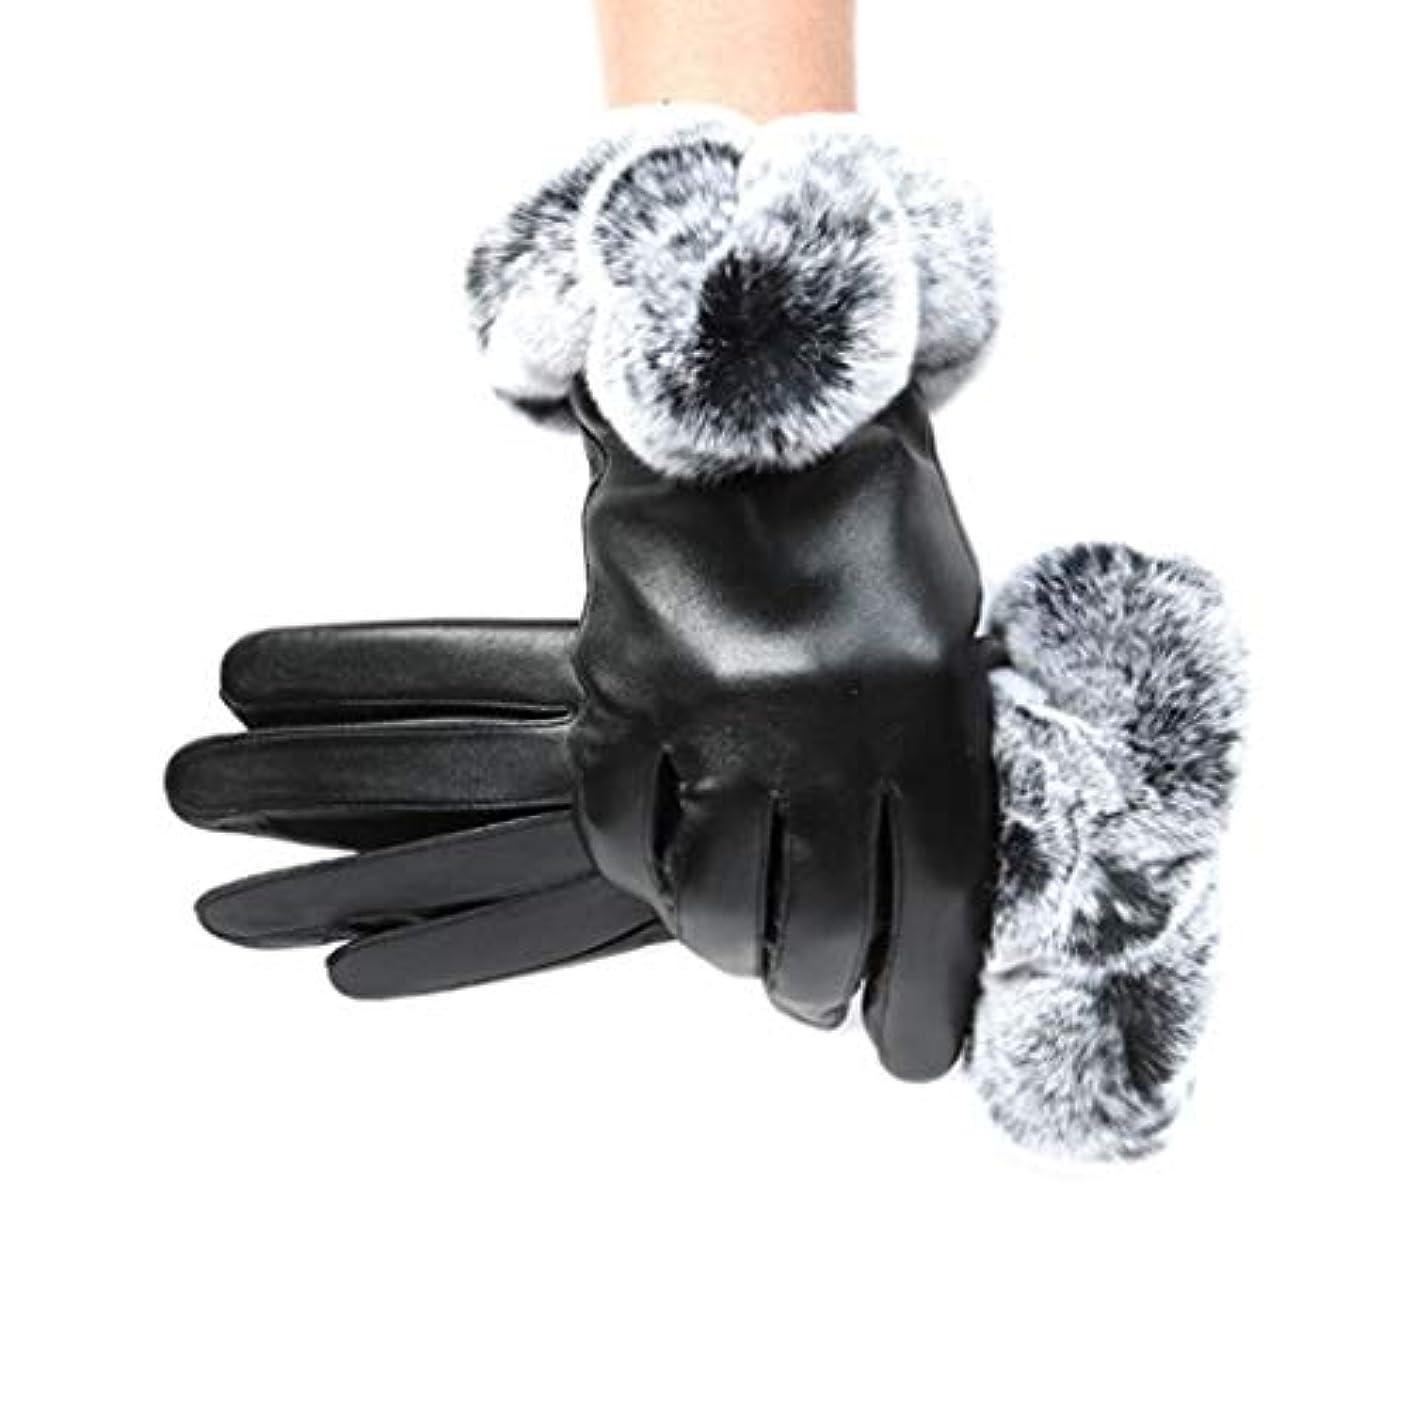 うがい薬カフェ鹿レザーグローブ冬の暖かい手袋レディースアウトドアライディンググローブ防風コールドプラスベルベットのタッチスクリーングローブ女性モデル